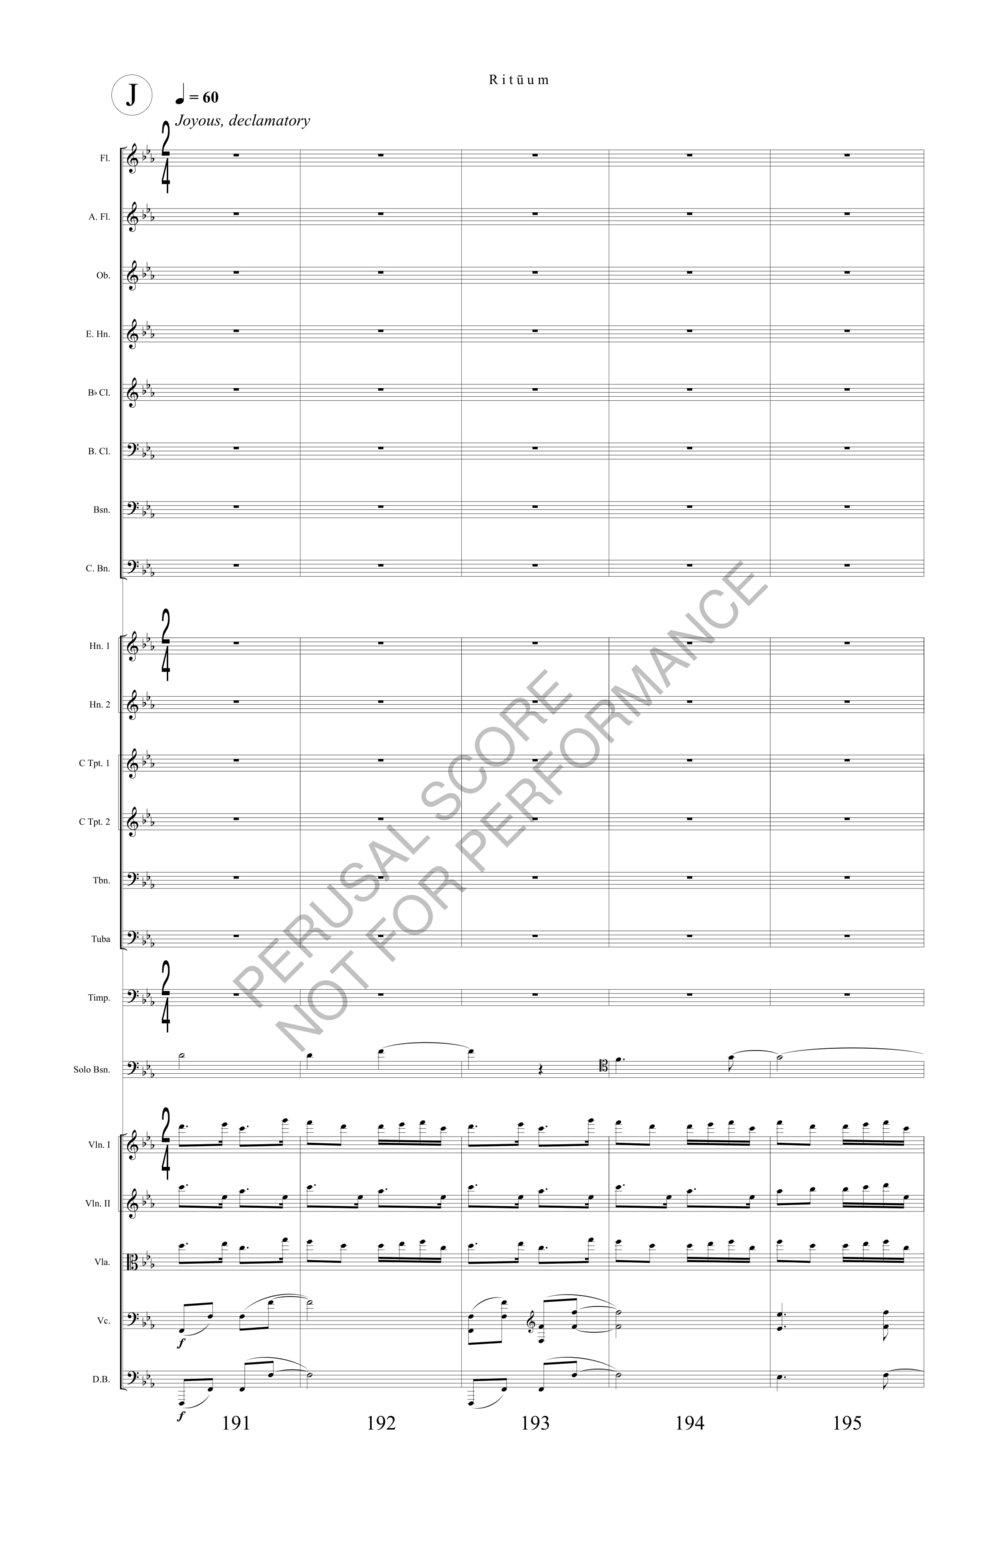 Boyd Rituum Score-watermark (1)-46.jpg